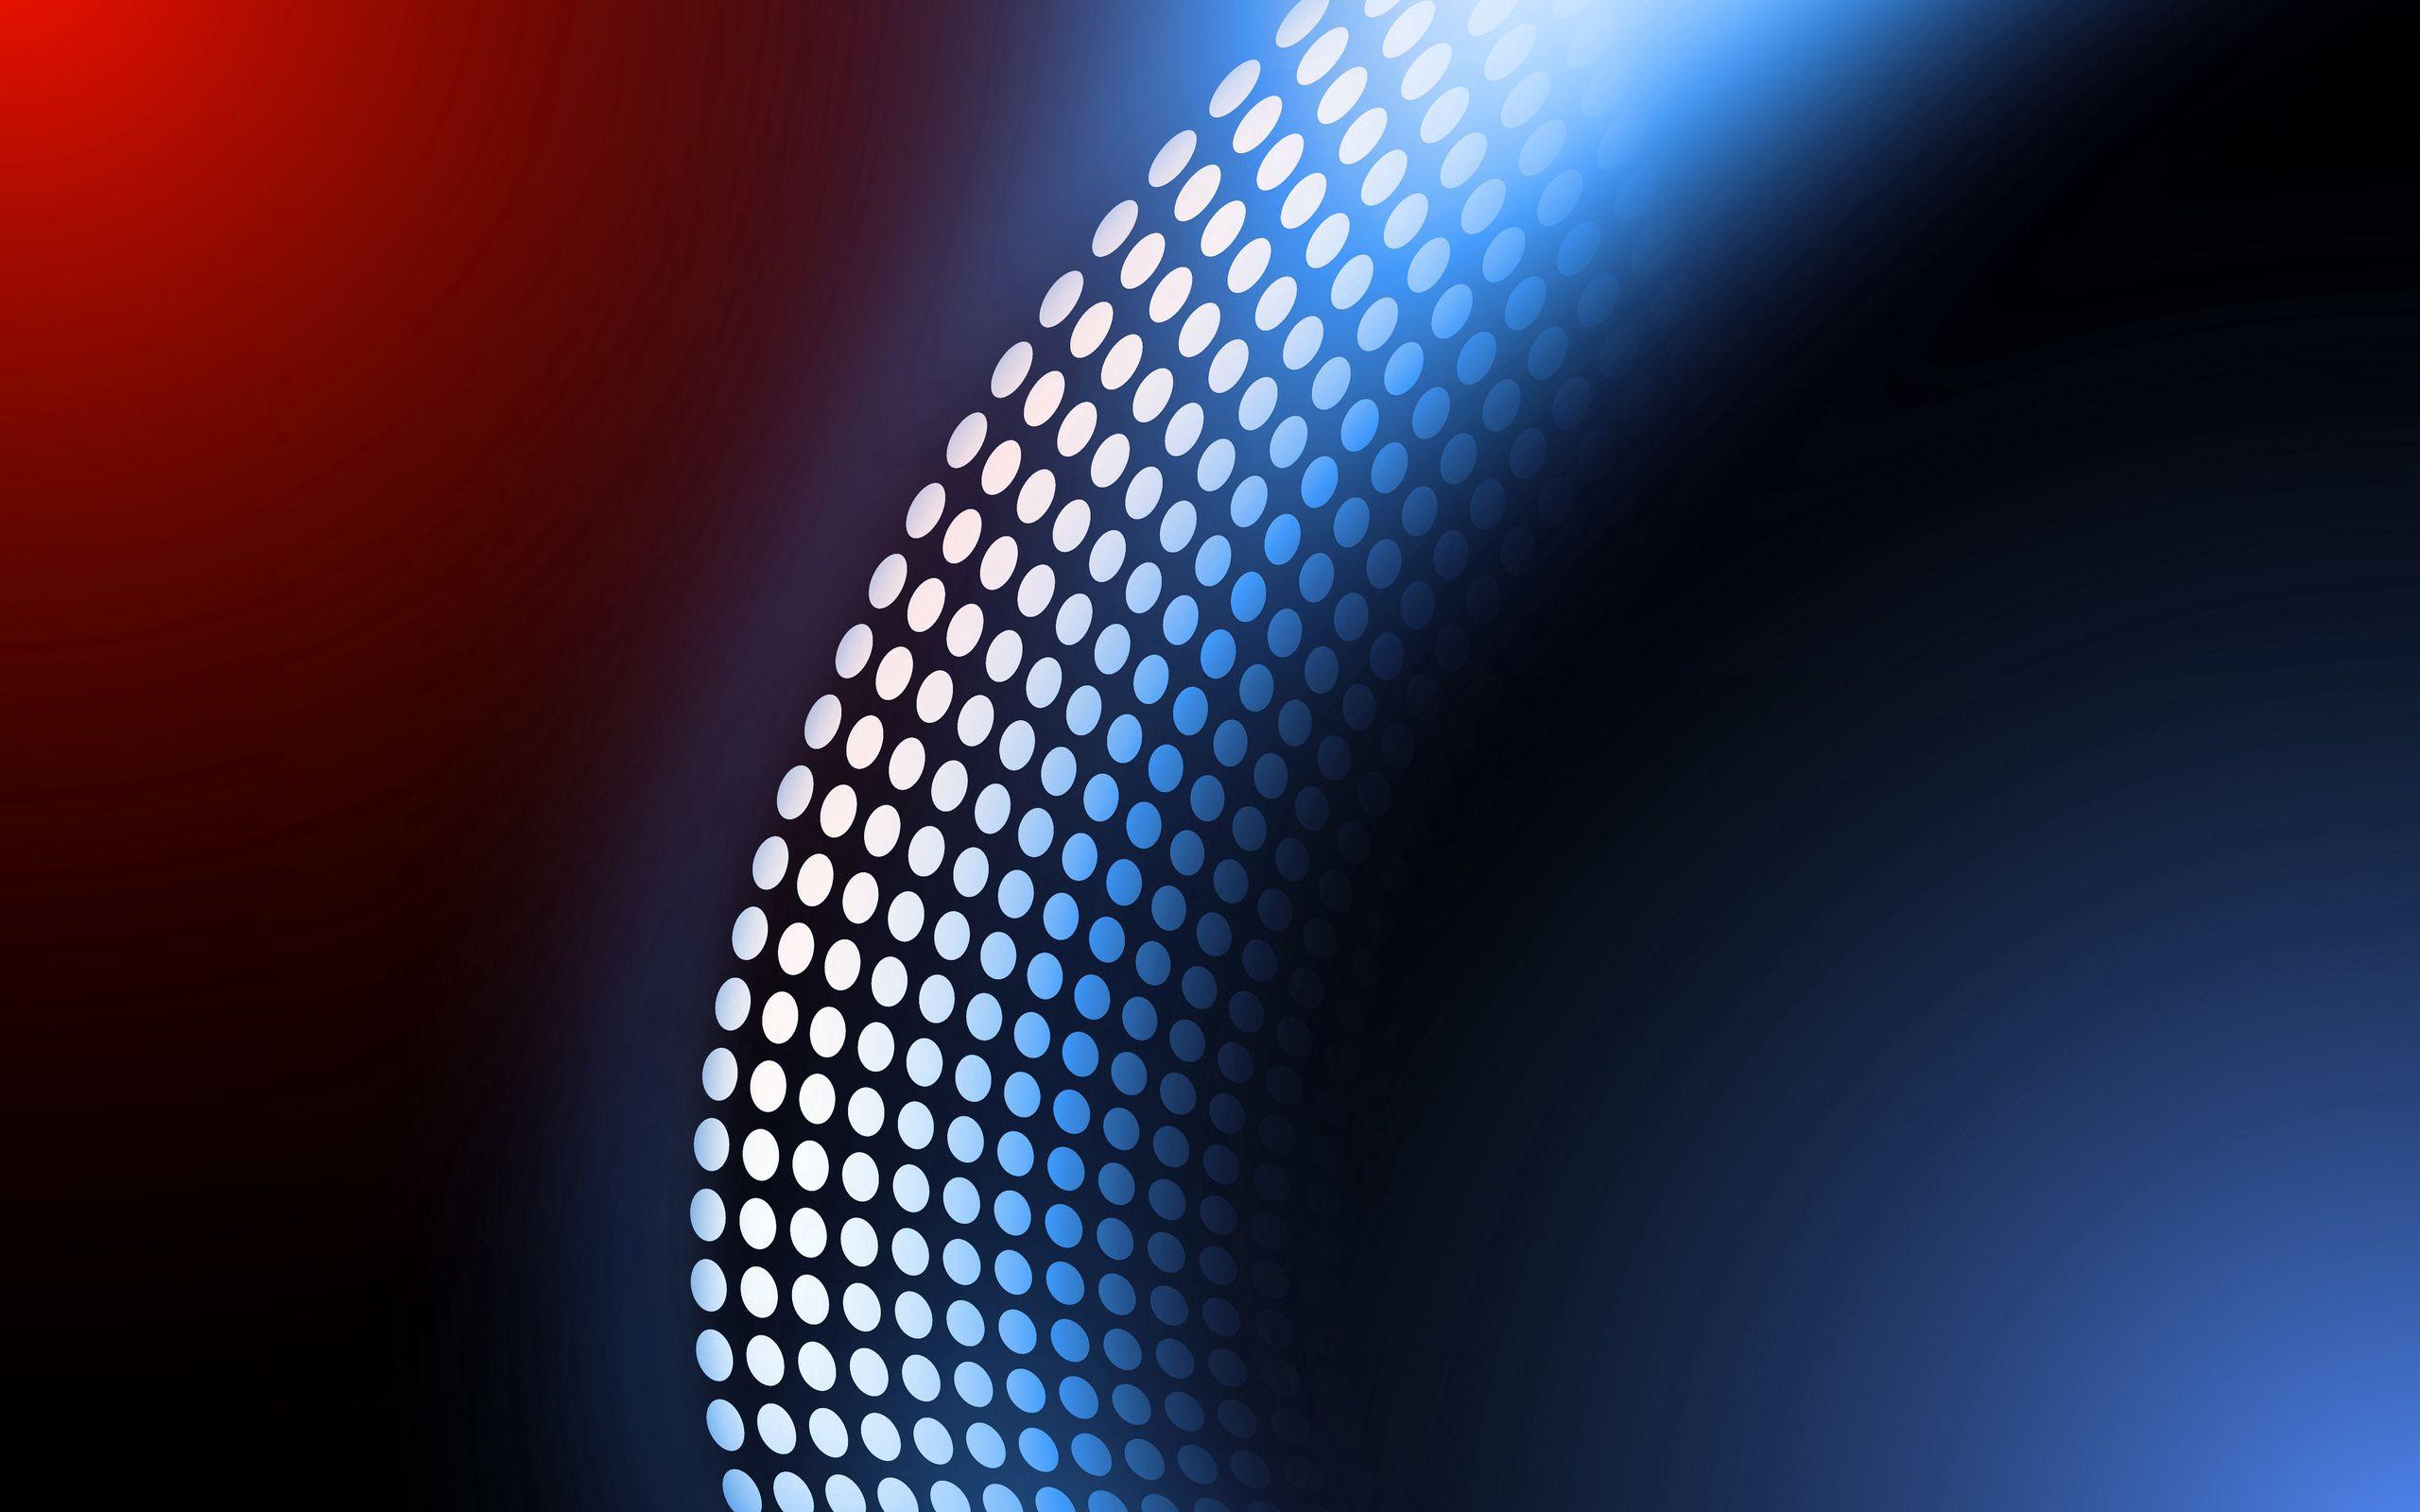 100322壁紙のダウンロード抽象, 輝く, 光, ポイント, 点, サークル, 円, 明るい, 輝き-スクリーンセーバーと写真を無料で